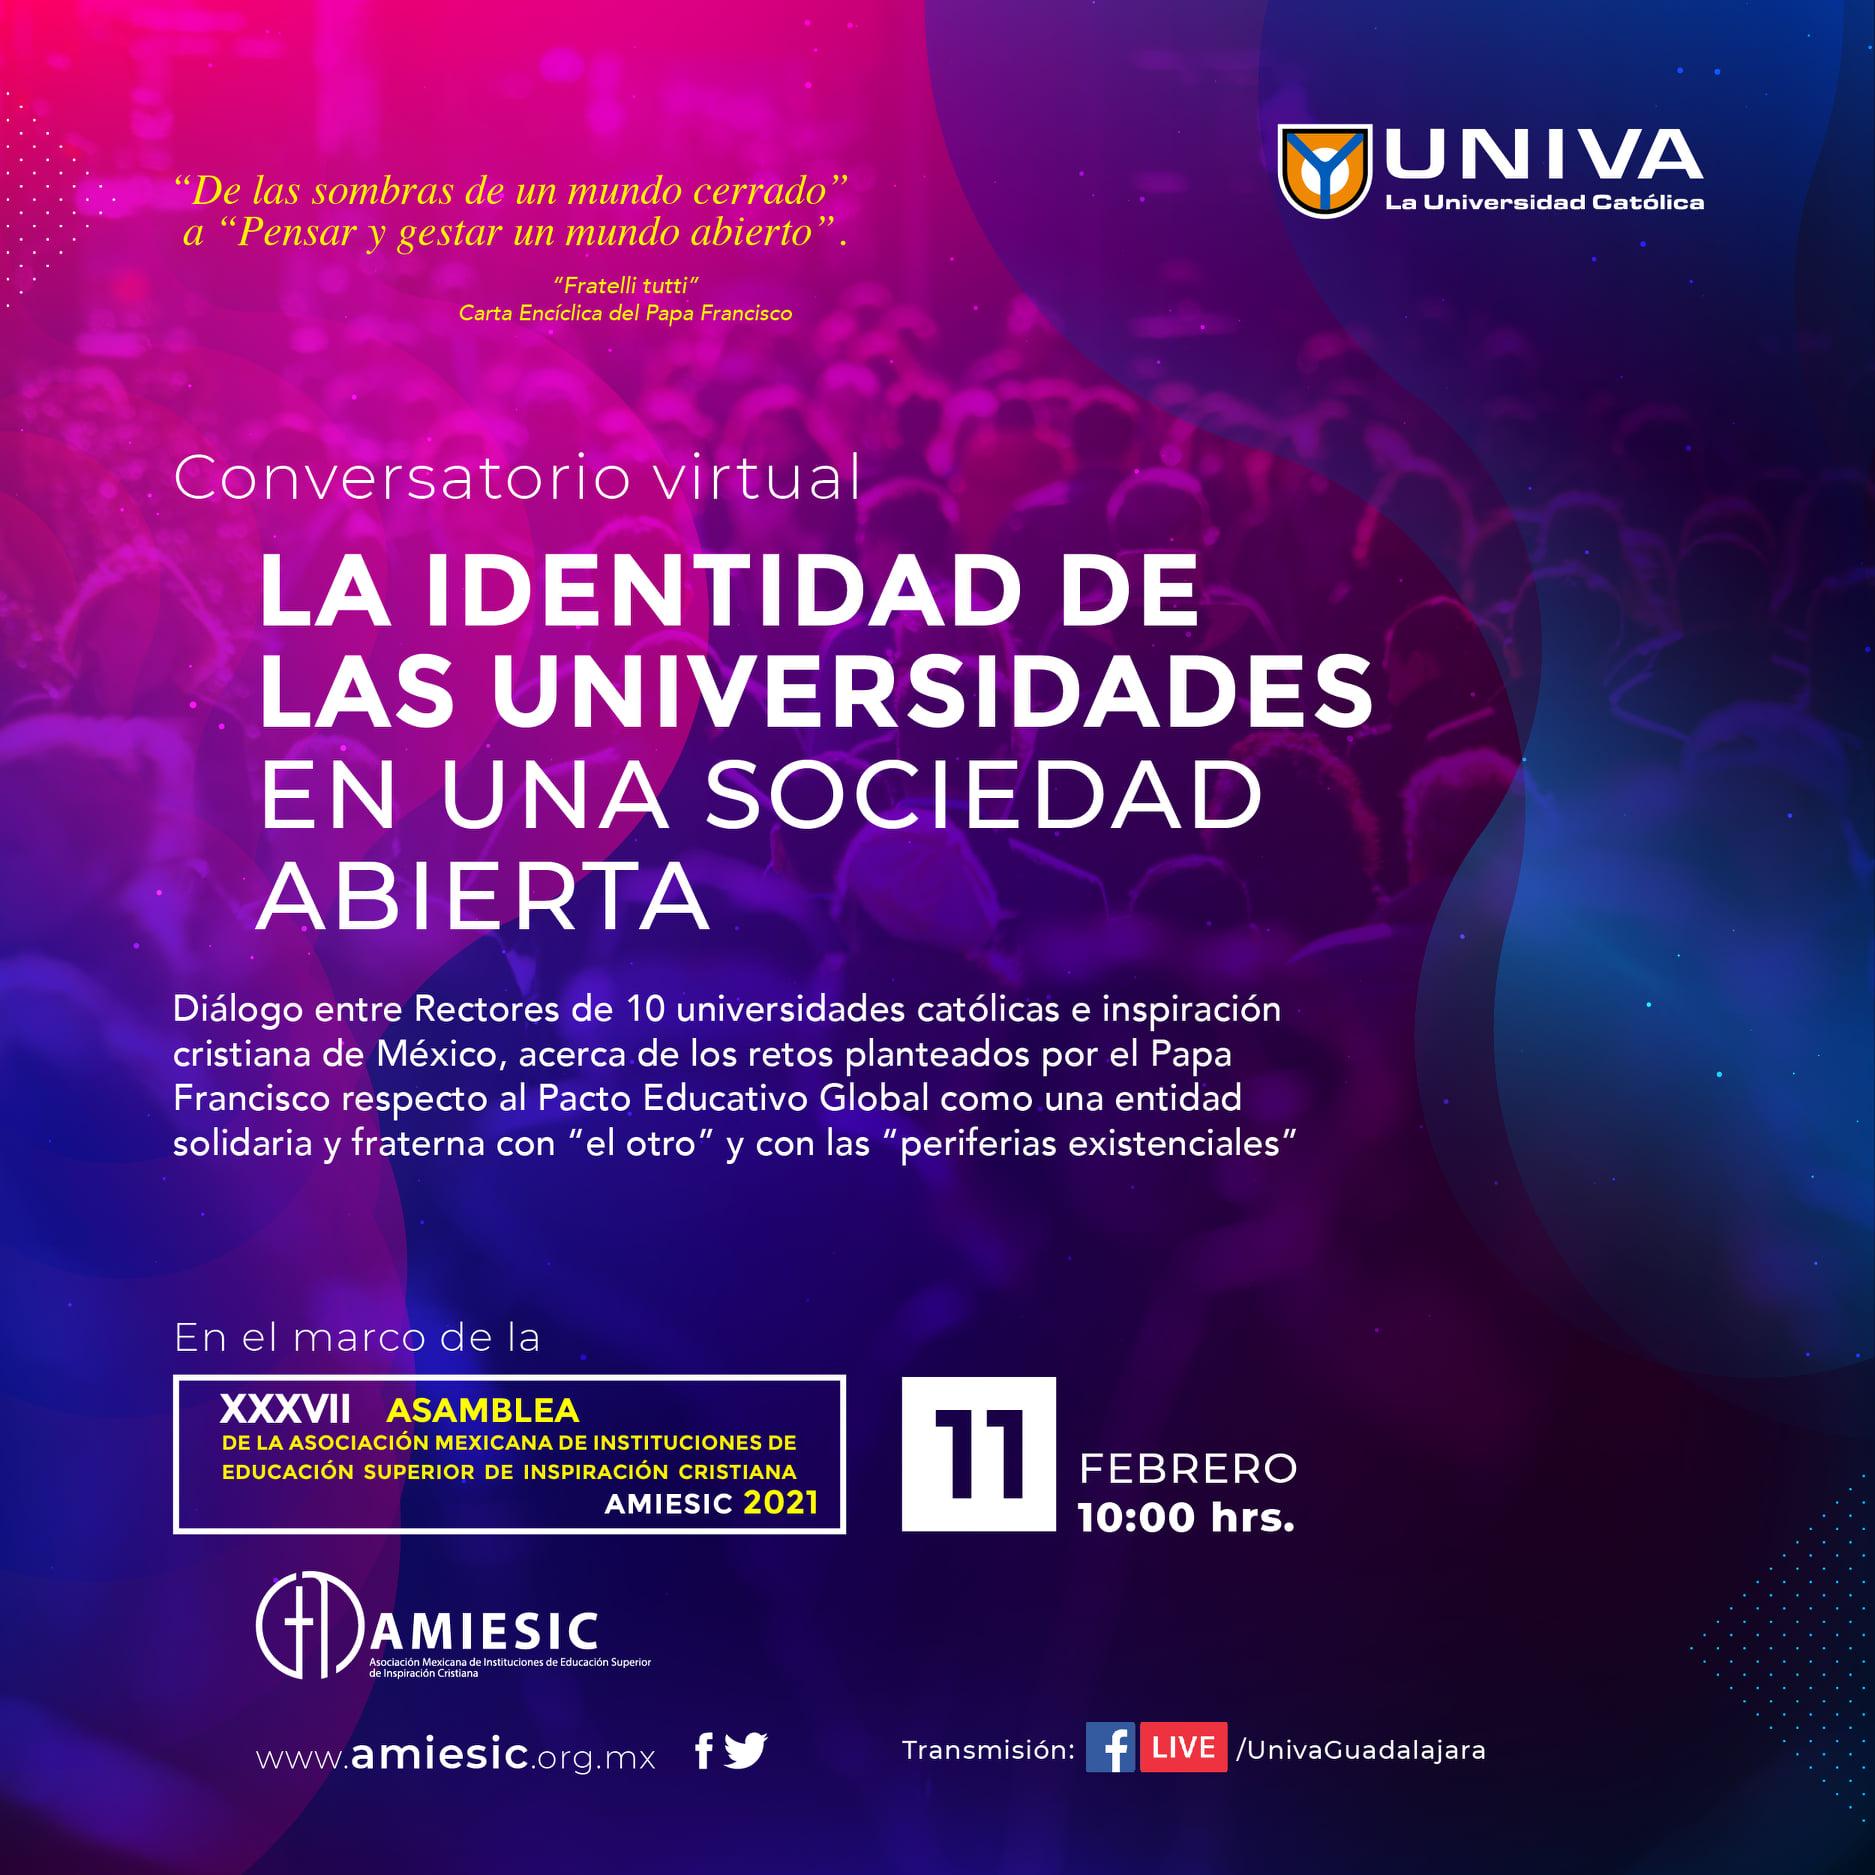 Conversatorio: La identidad de las universidades en una sociedad abierta